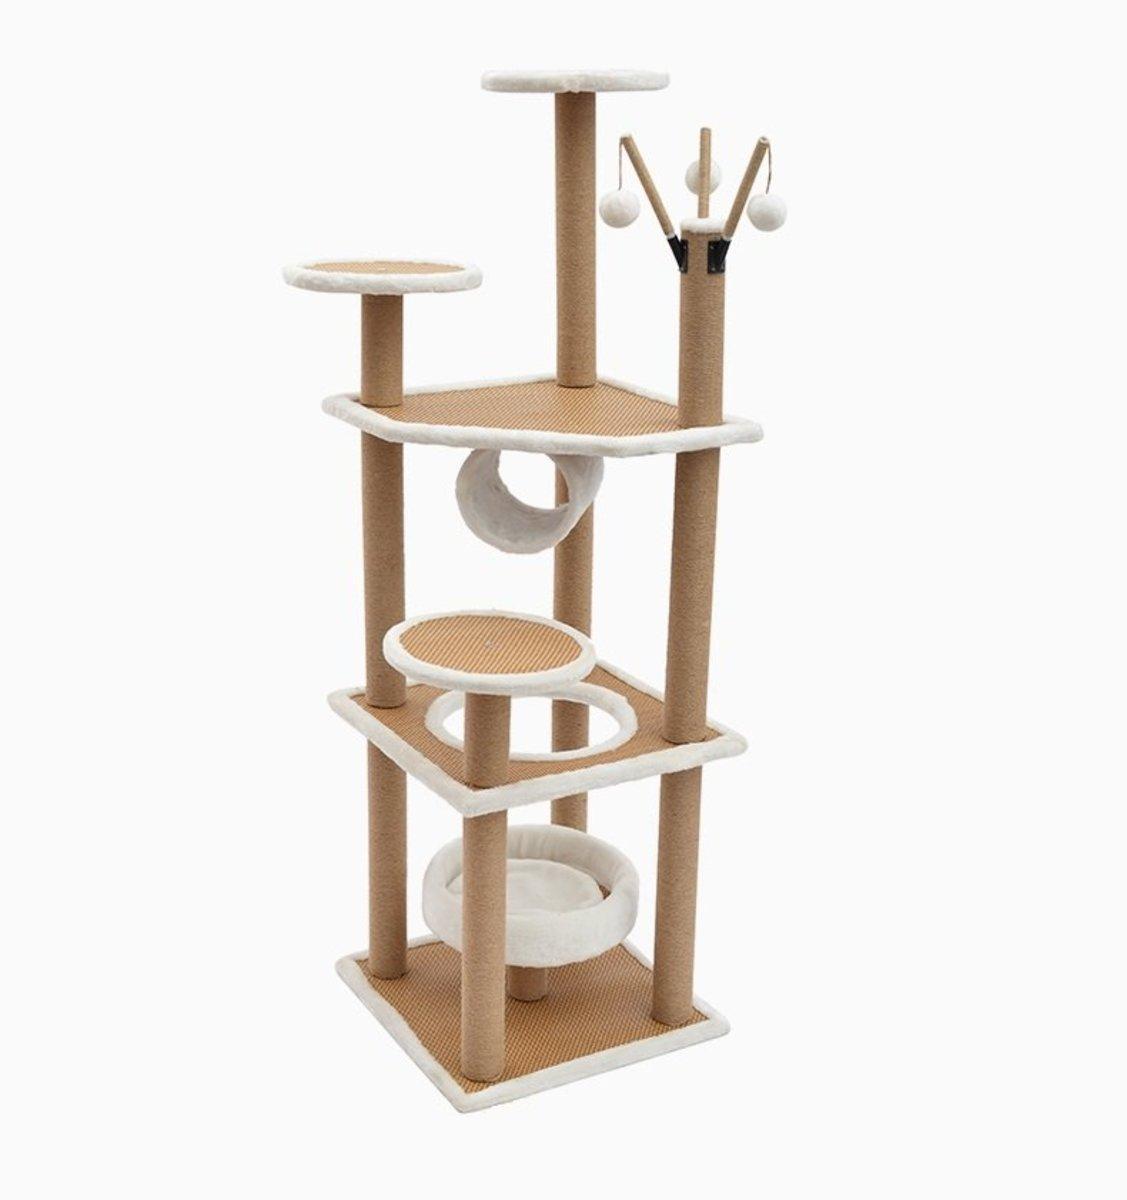 Cat Jumping Platform - K (T5 155cm)